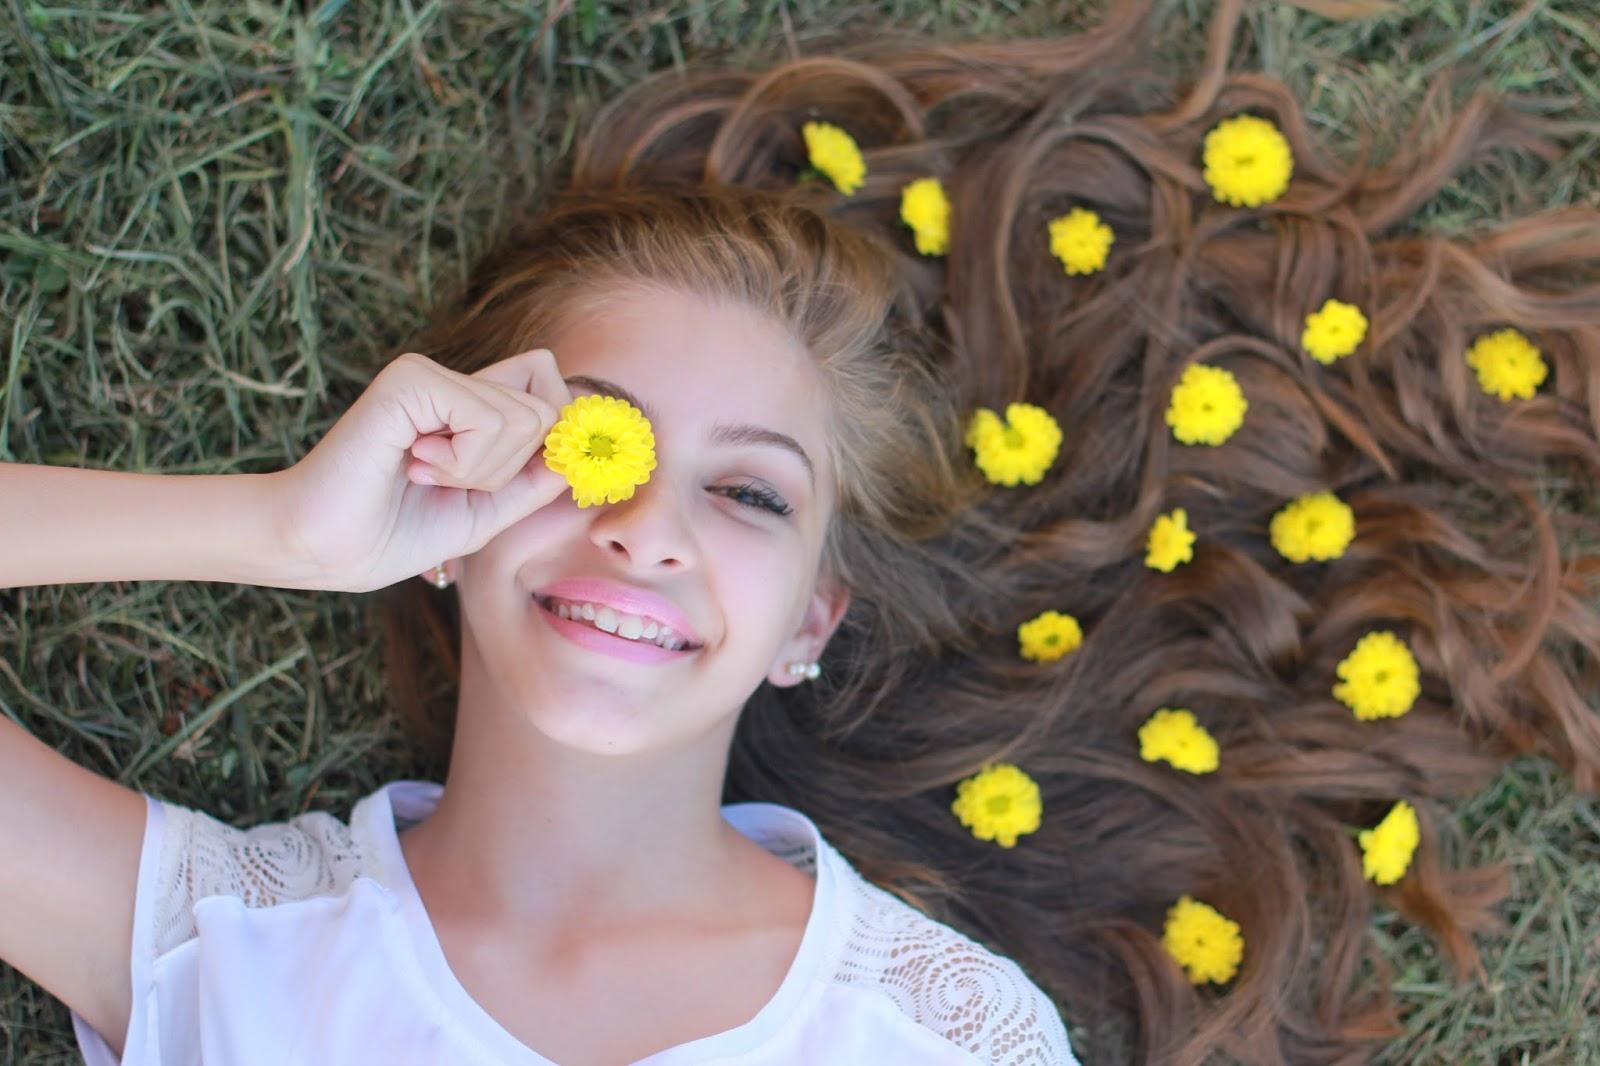 Deus ama o seu sorriso!, garota sorrindo, Blog para garotas cristãs, por Milene Oliveira